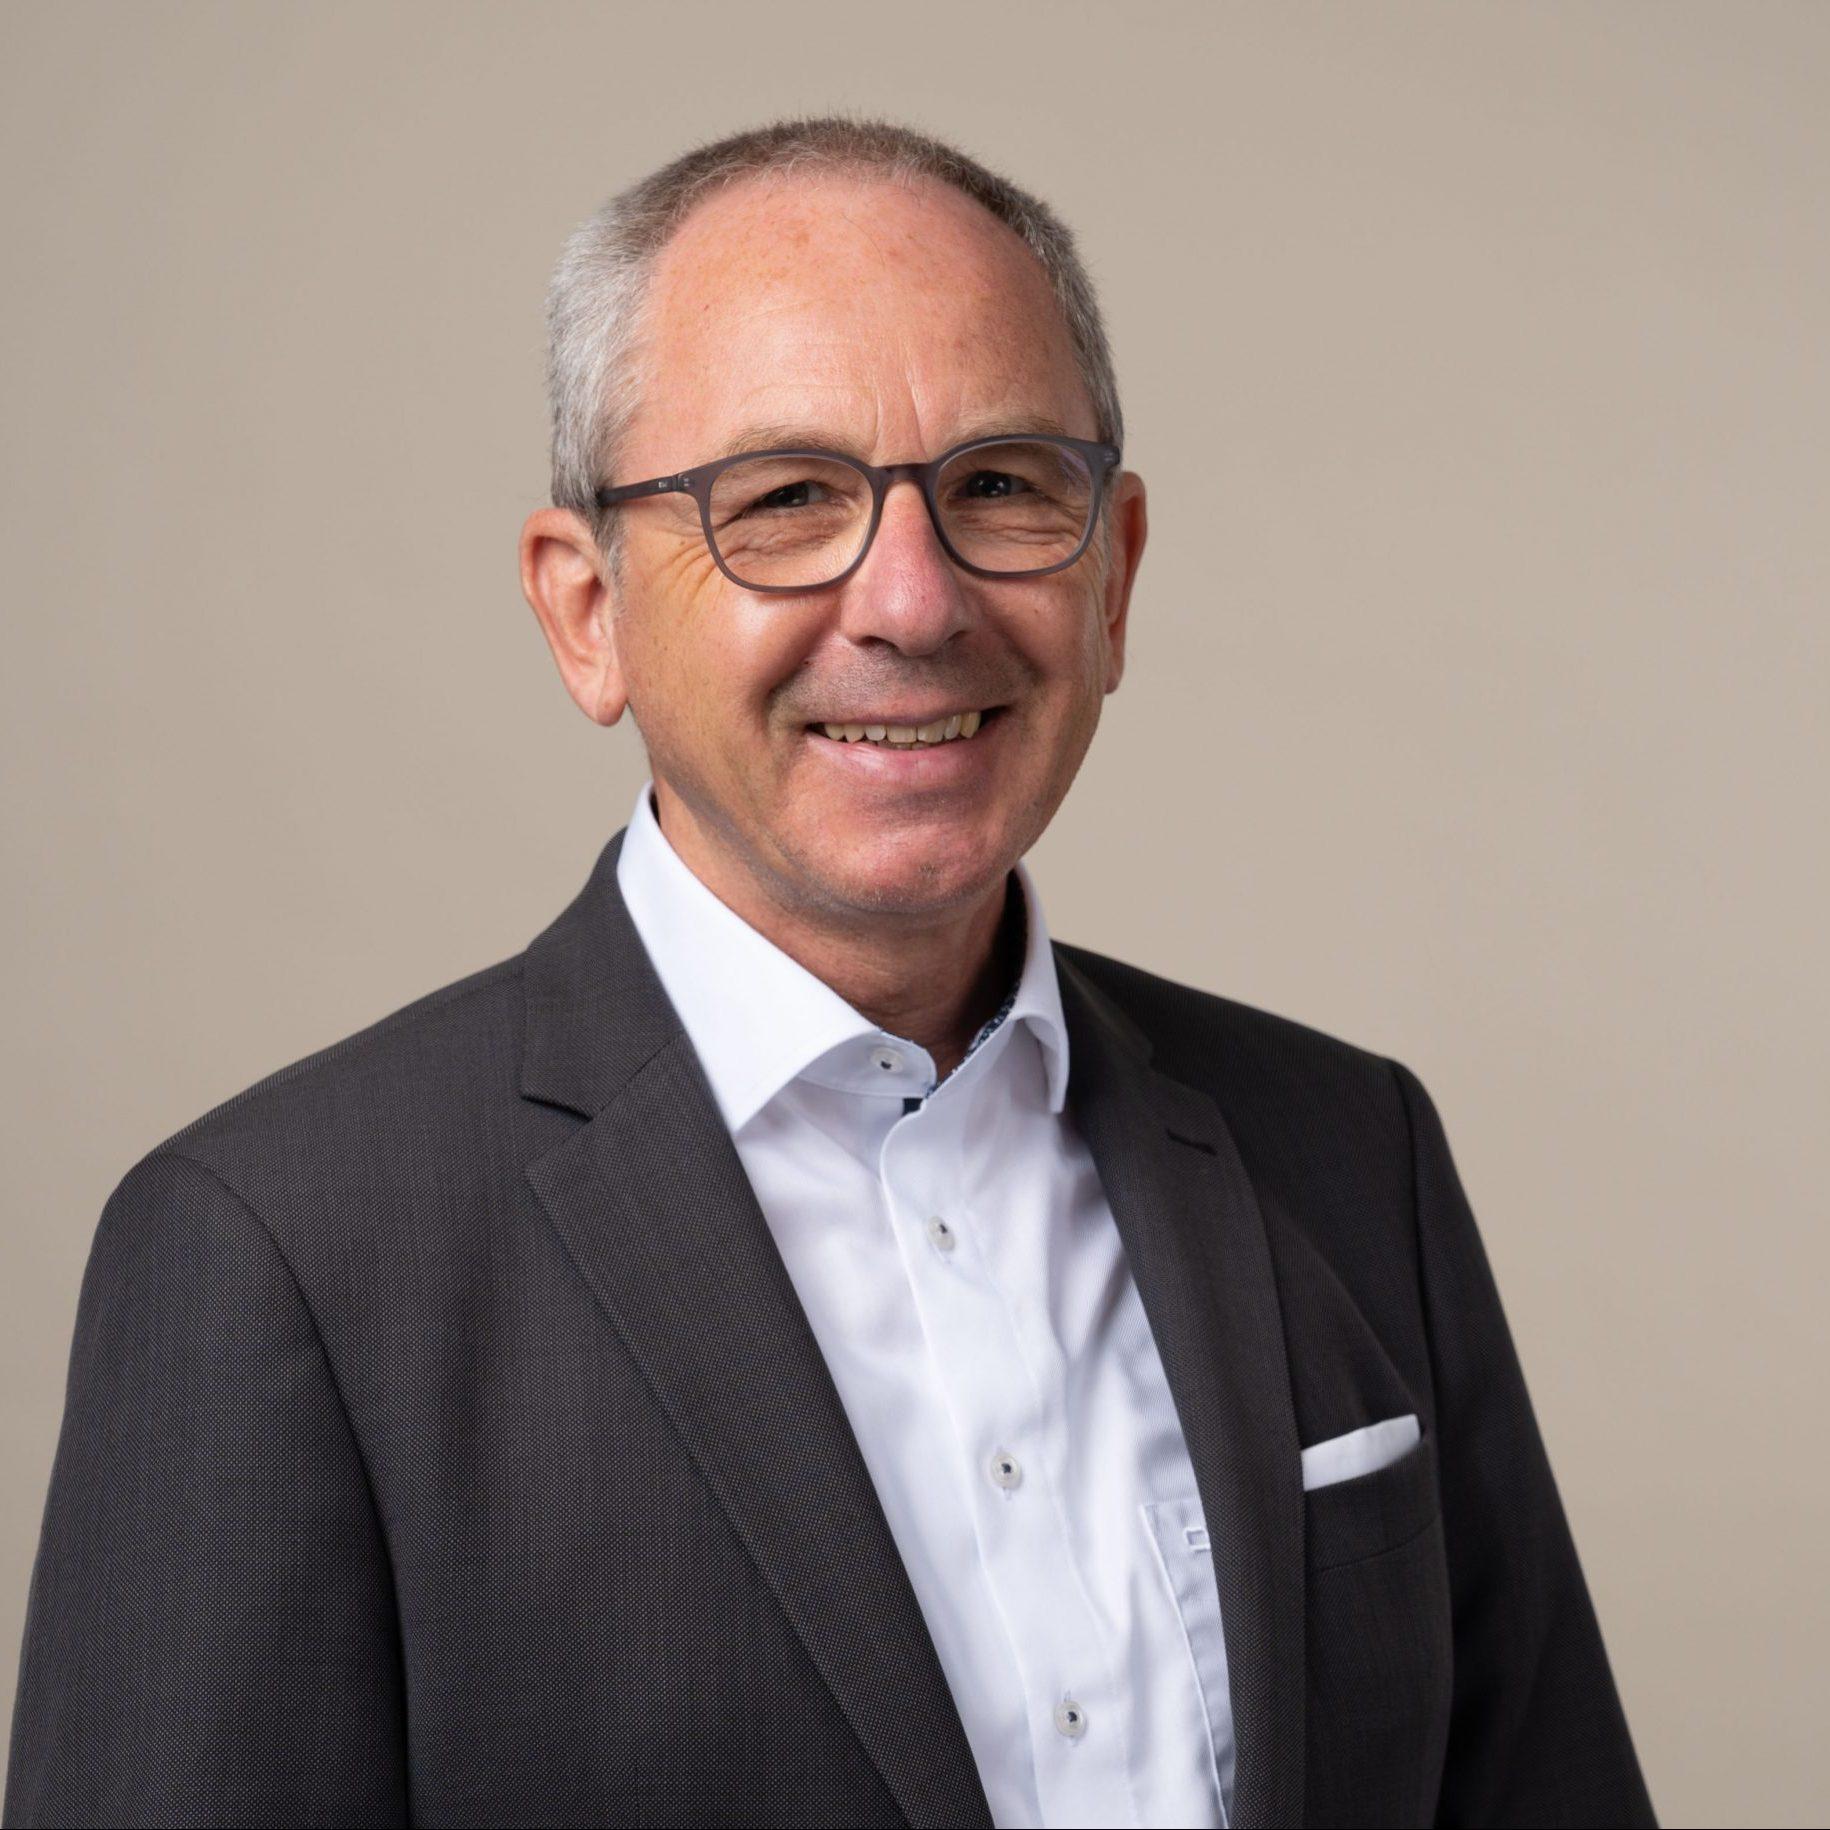 Ulrich Erdlenbruch